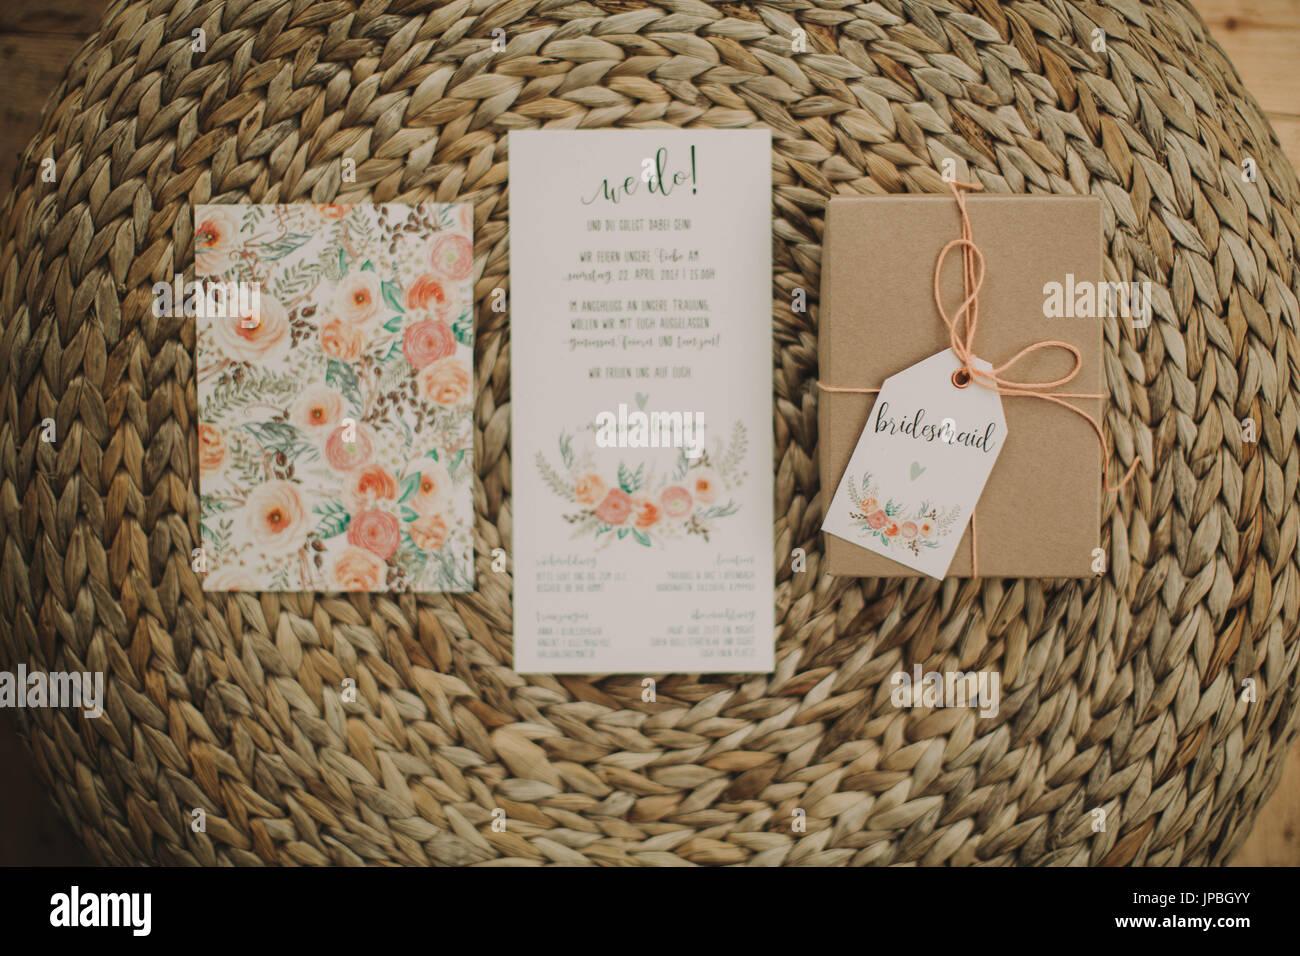 Alternative Hochzeit, Einladung, zu präsentieren, Stockbild